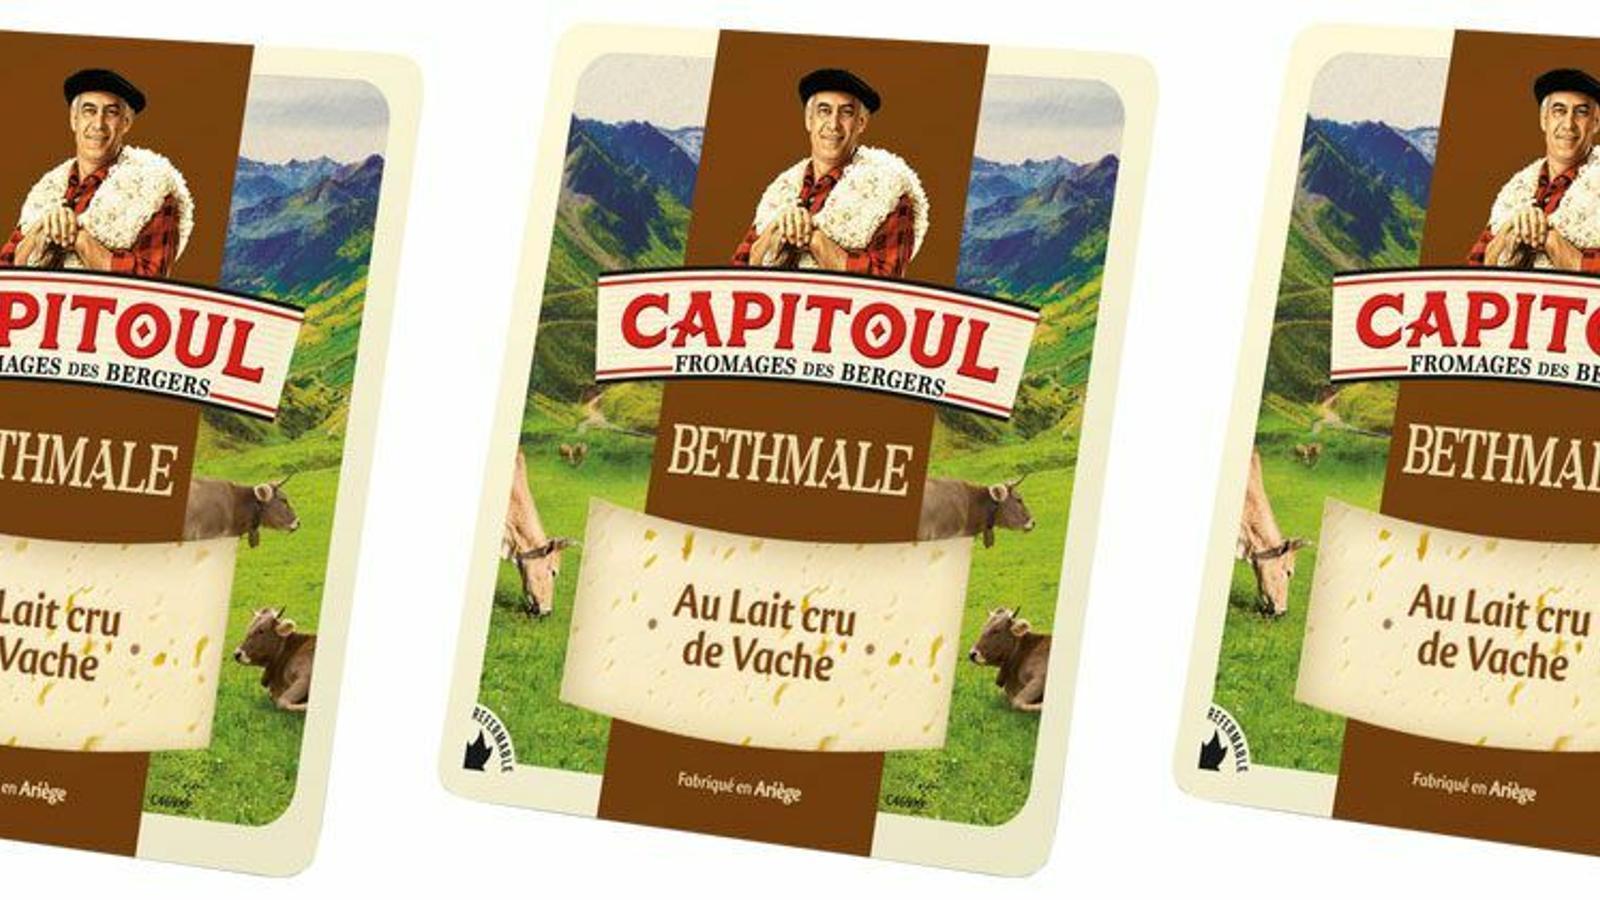 Formatges de llet crua Bethmale de la marca Capitoul.